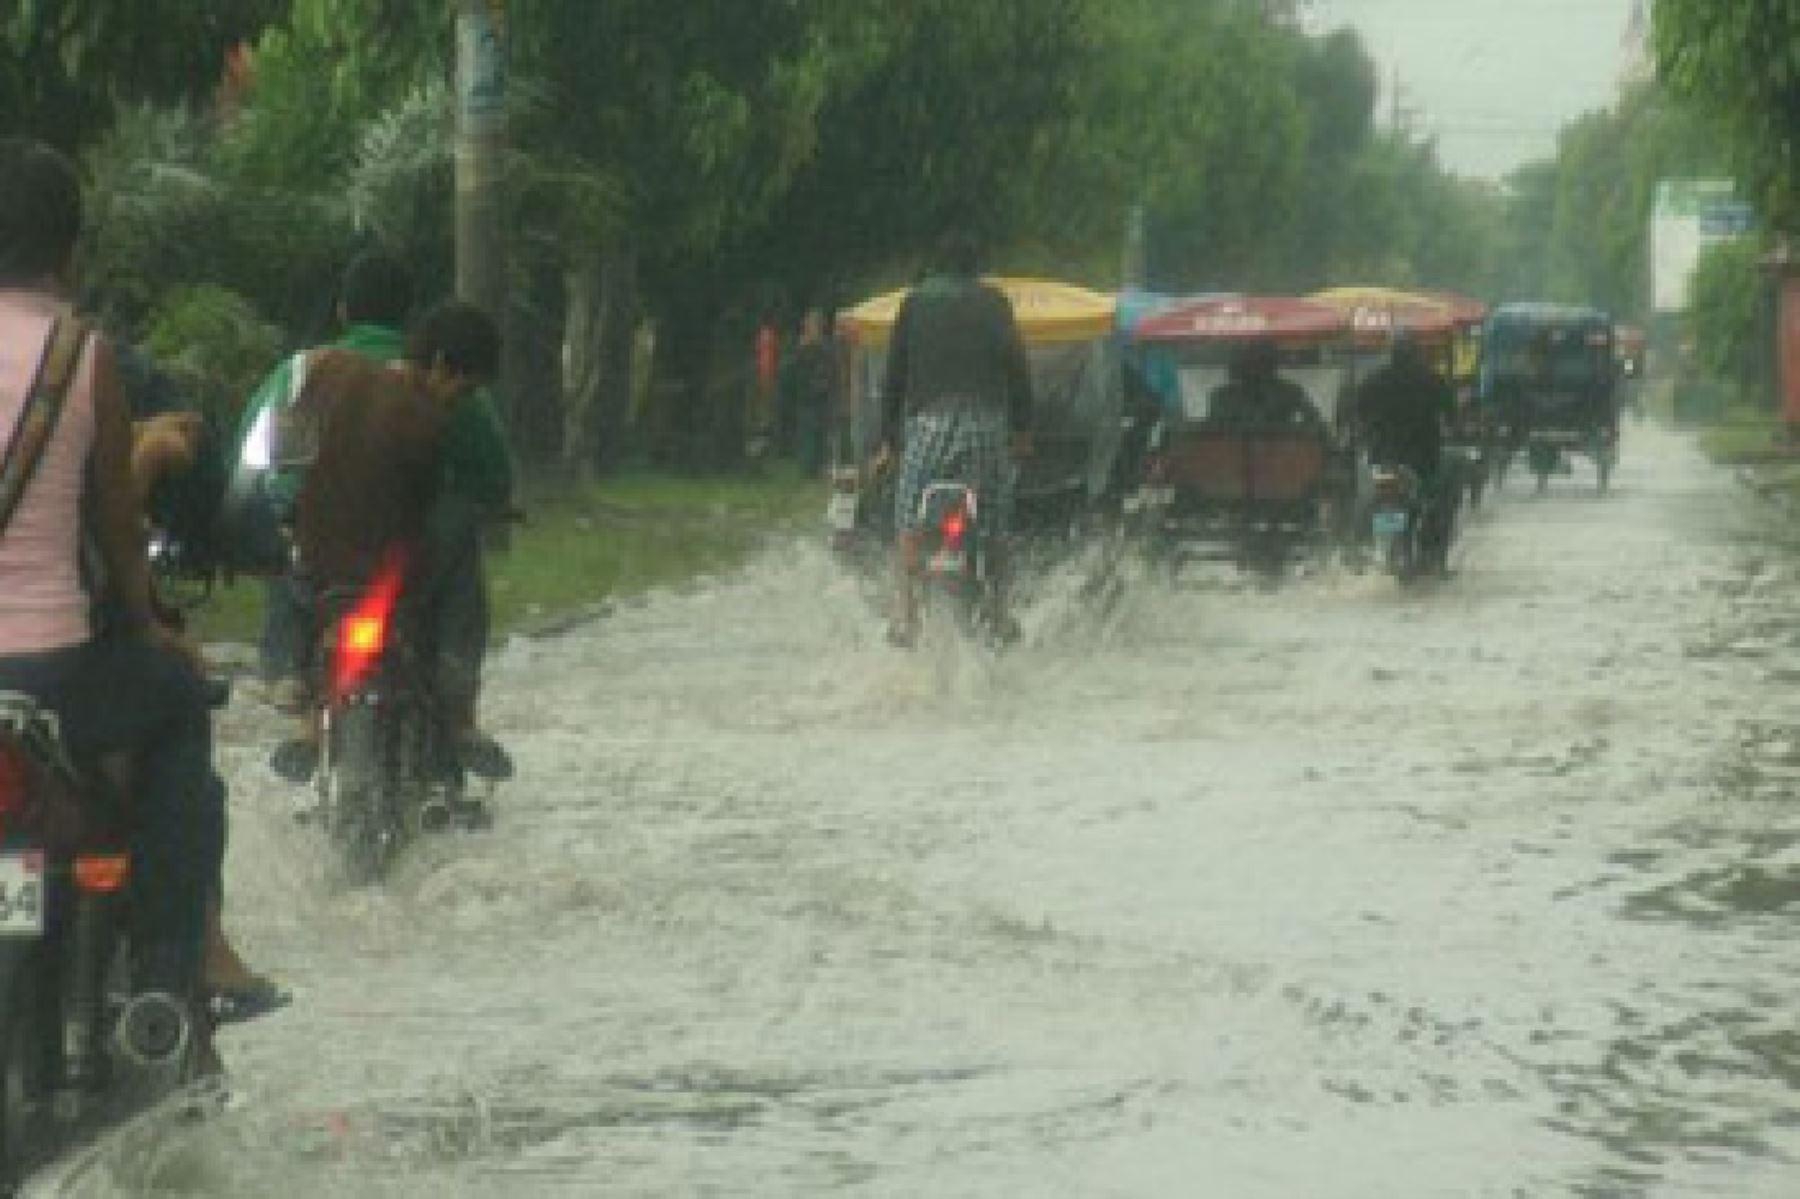 El segundo distrito que reportó el mayor acumulado pluvial fue La Pólvora, en la región San Martín.